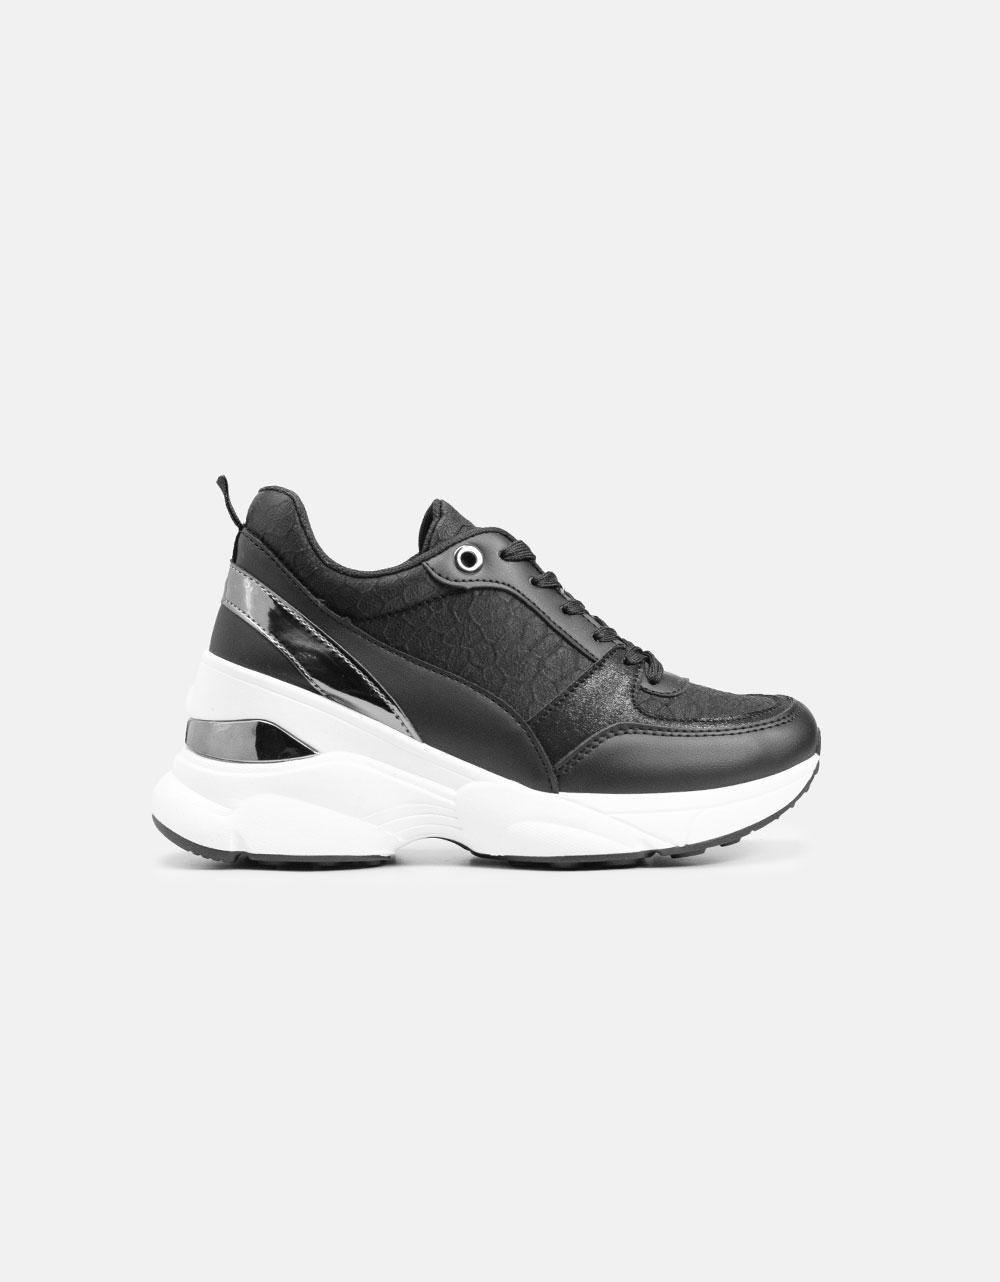 Εικόνα από Γυναικεία sneakers με μεταλλική λεπτομέρεια Μαύρο